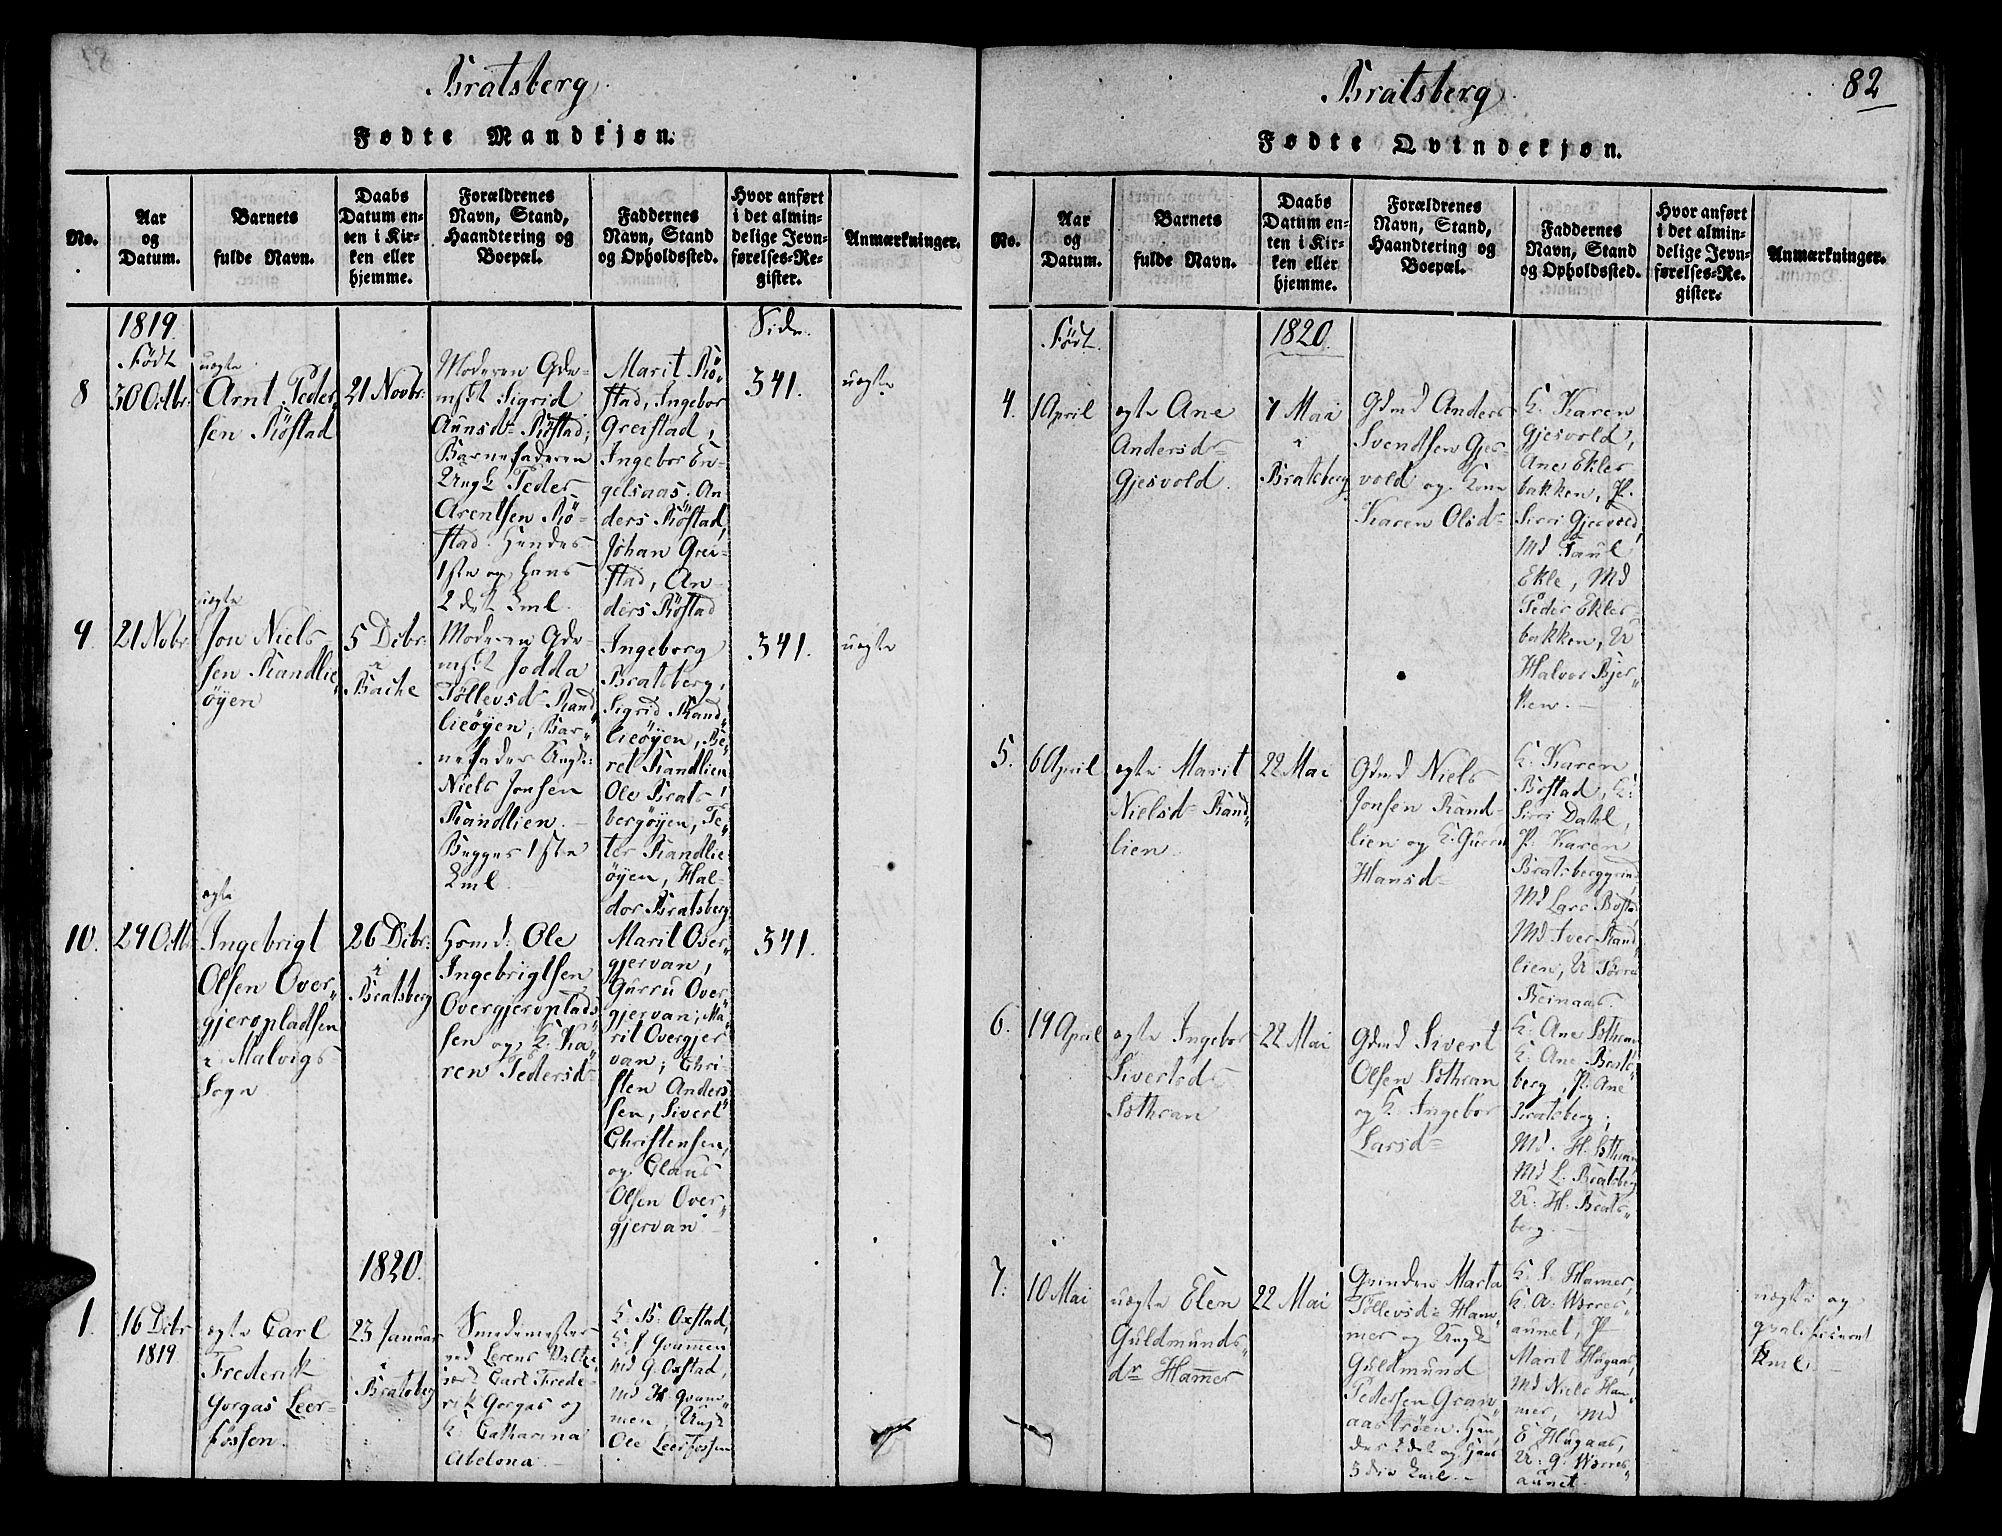 SAT, Ministerialprotokoller, klokkerbøker og fødselsregistre - Sør-Trøndelag, 606/L0285: Ministerialbok nr. 606A03 /3, 1819-1823, s. 82